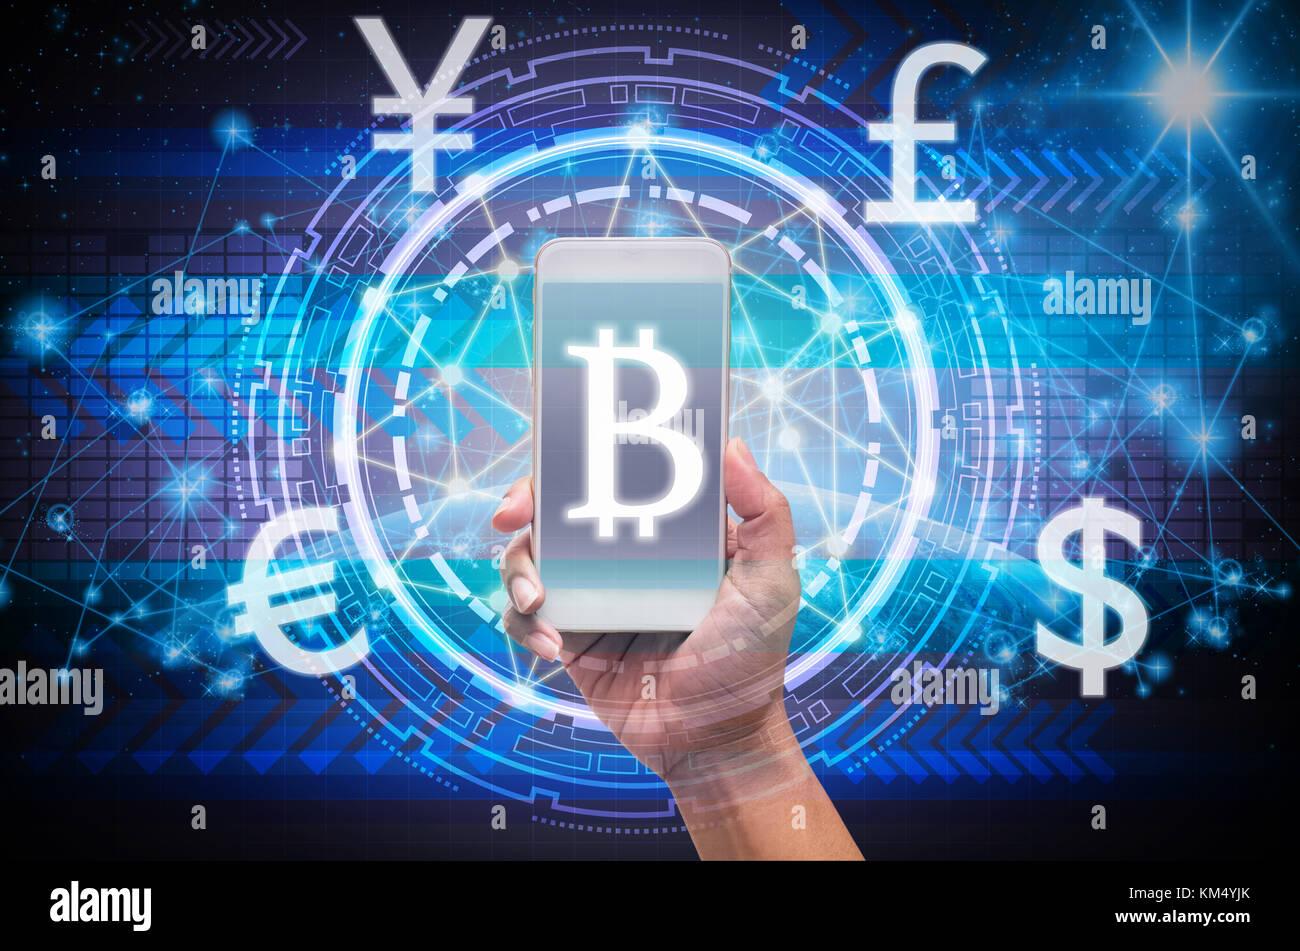 Holding smart phone die finanzielle Technologie mit Block Kette Übersicht über die Innovation Technologie Stockbild